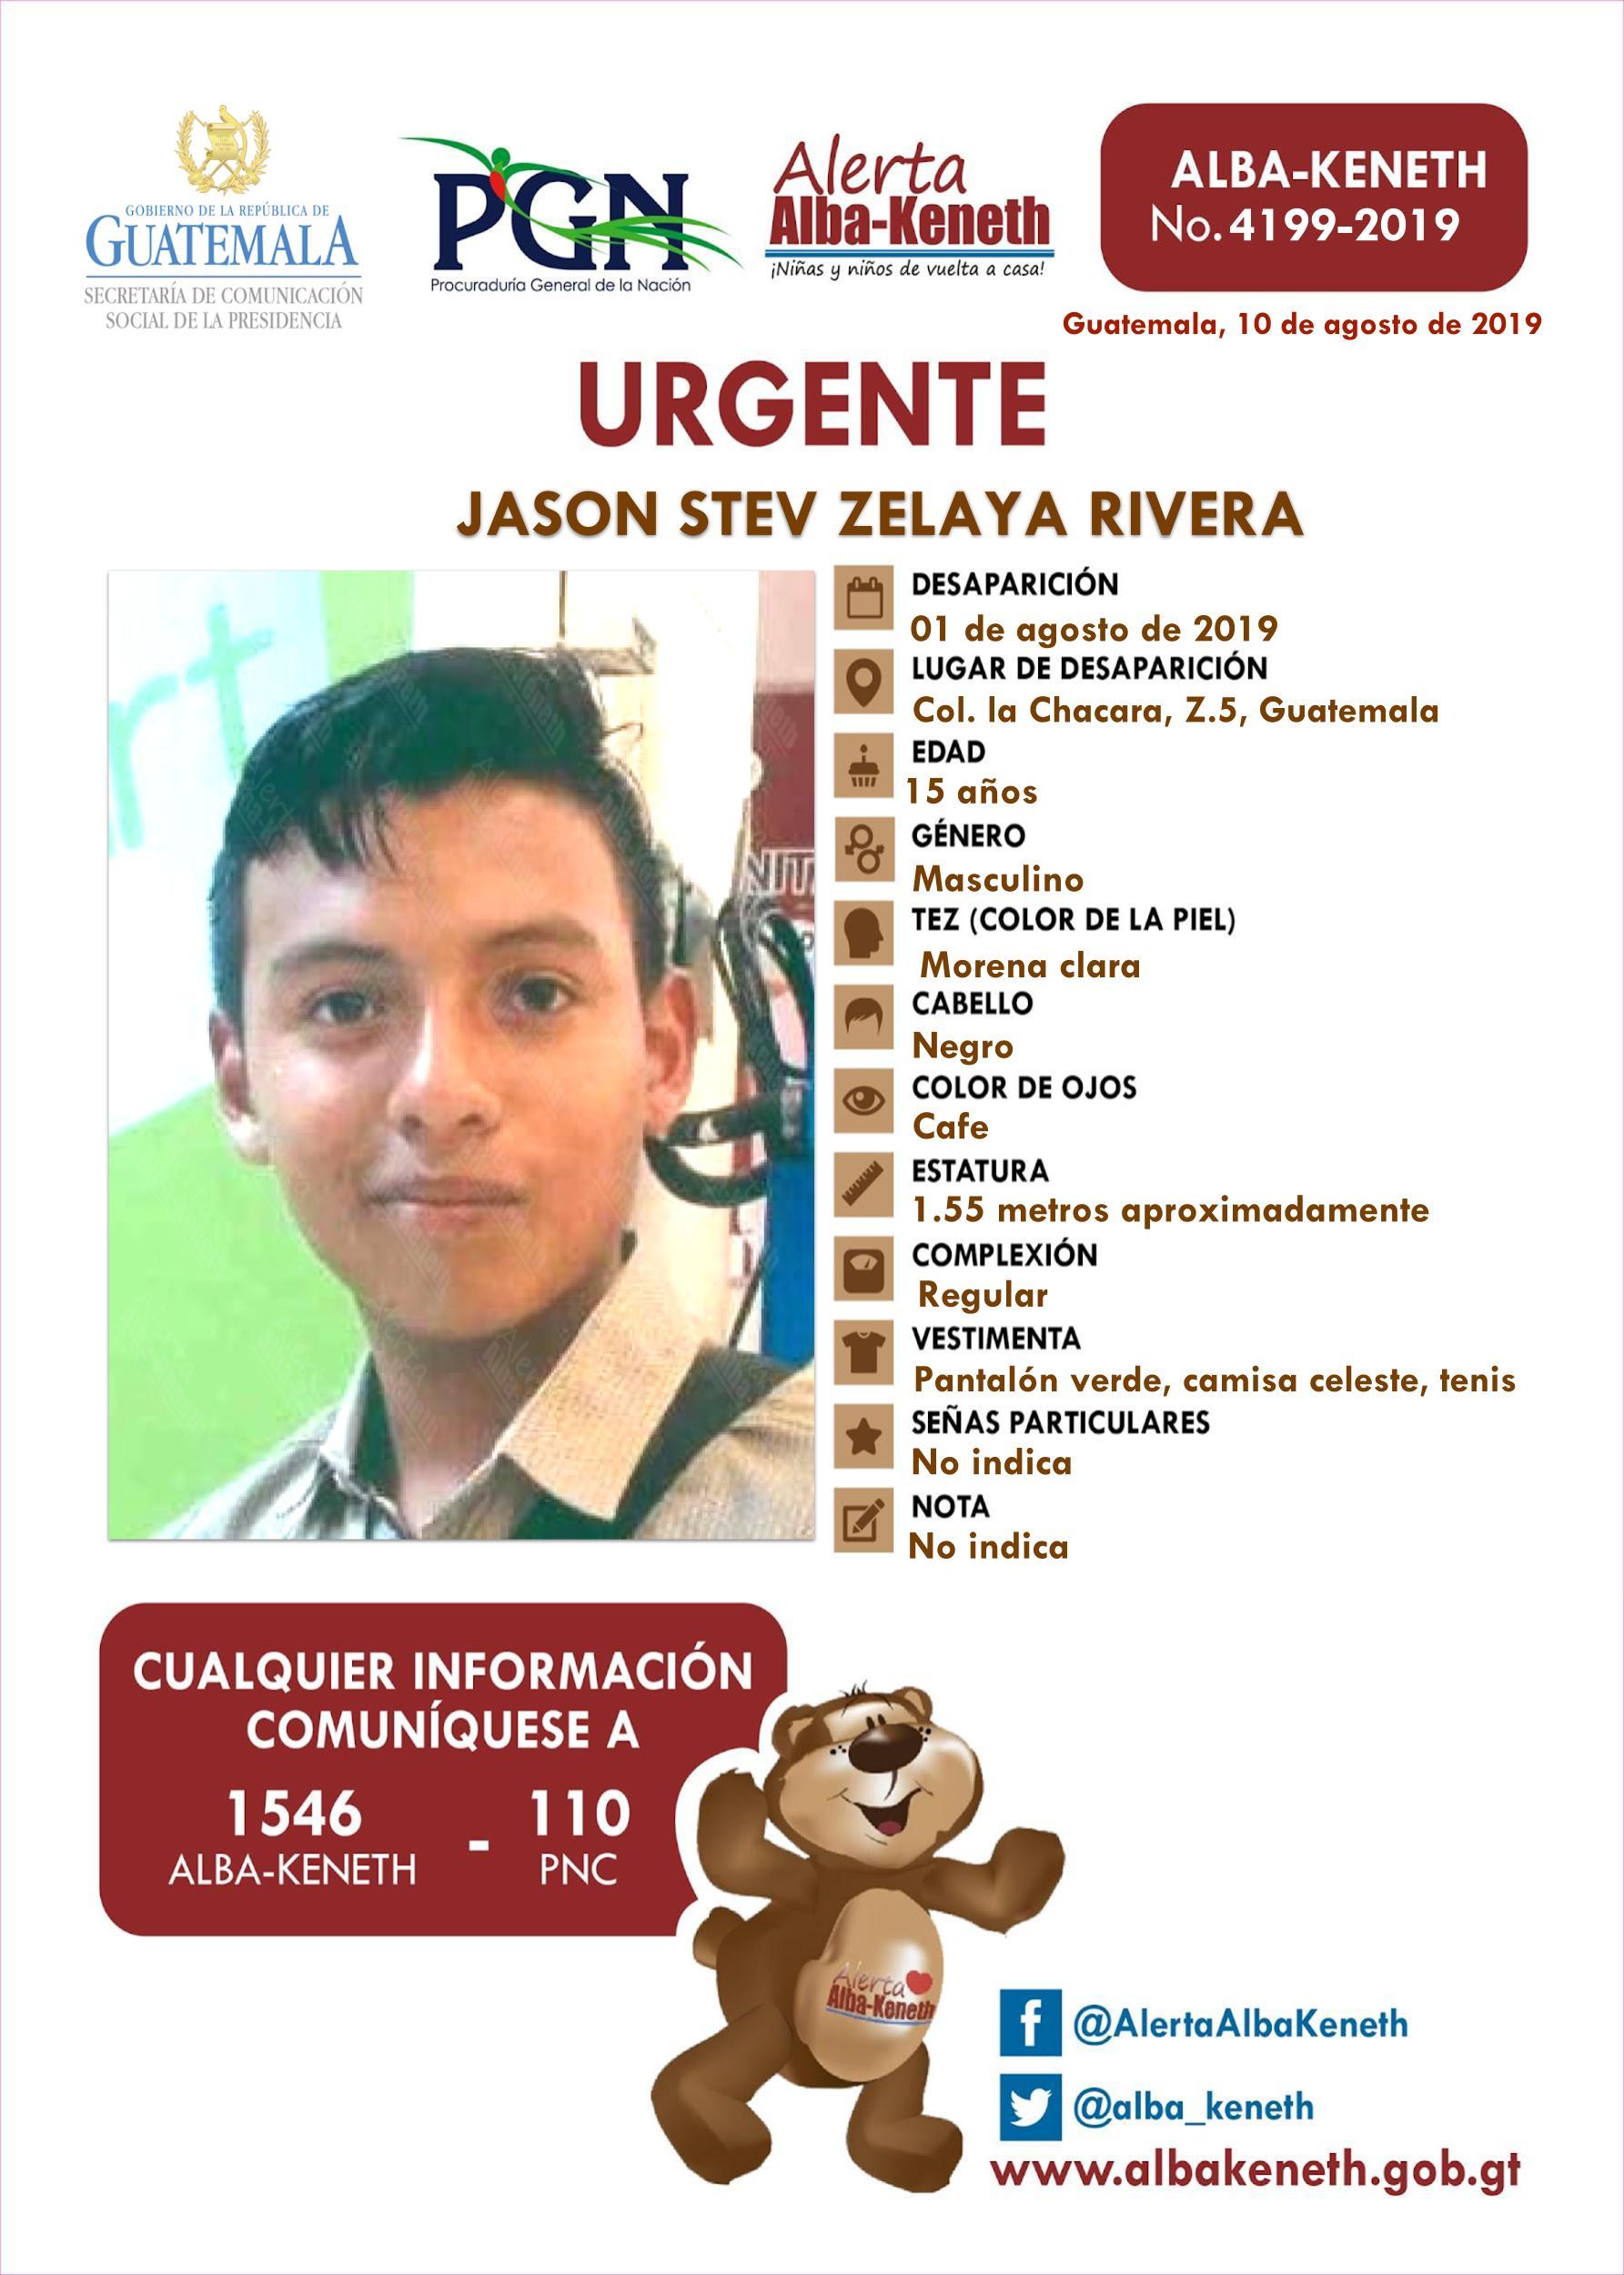 Jason Stev Zelaya Rivera